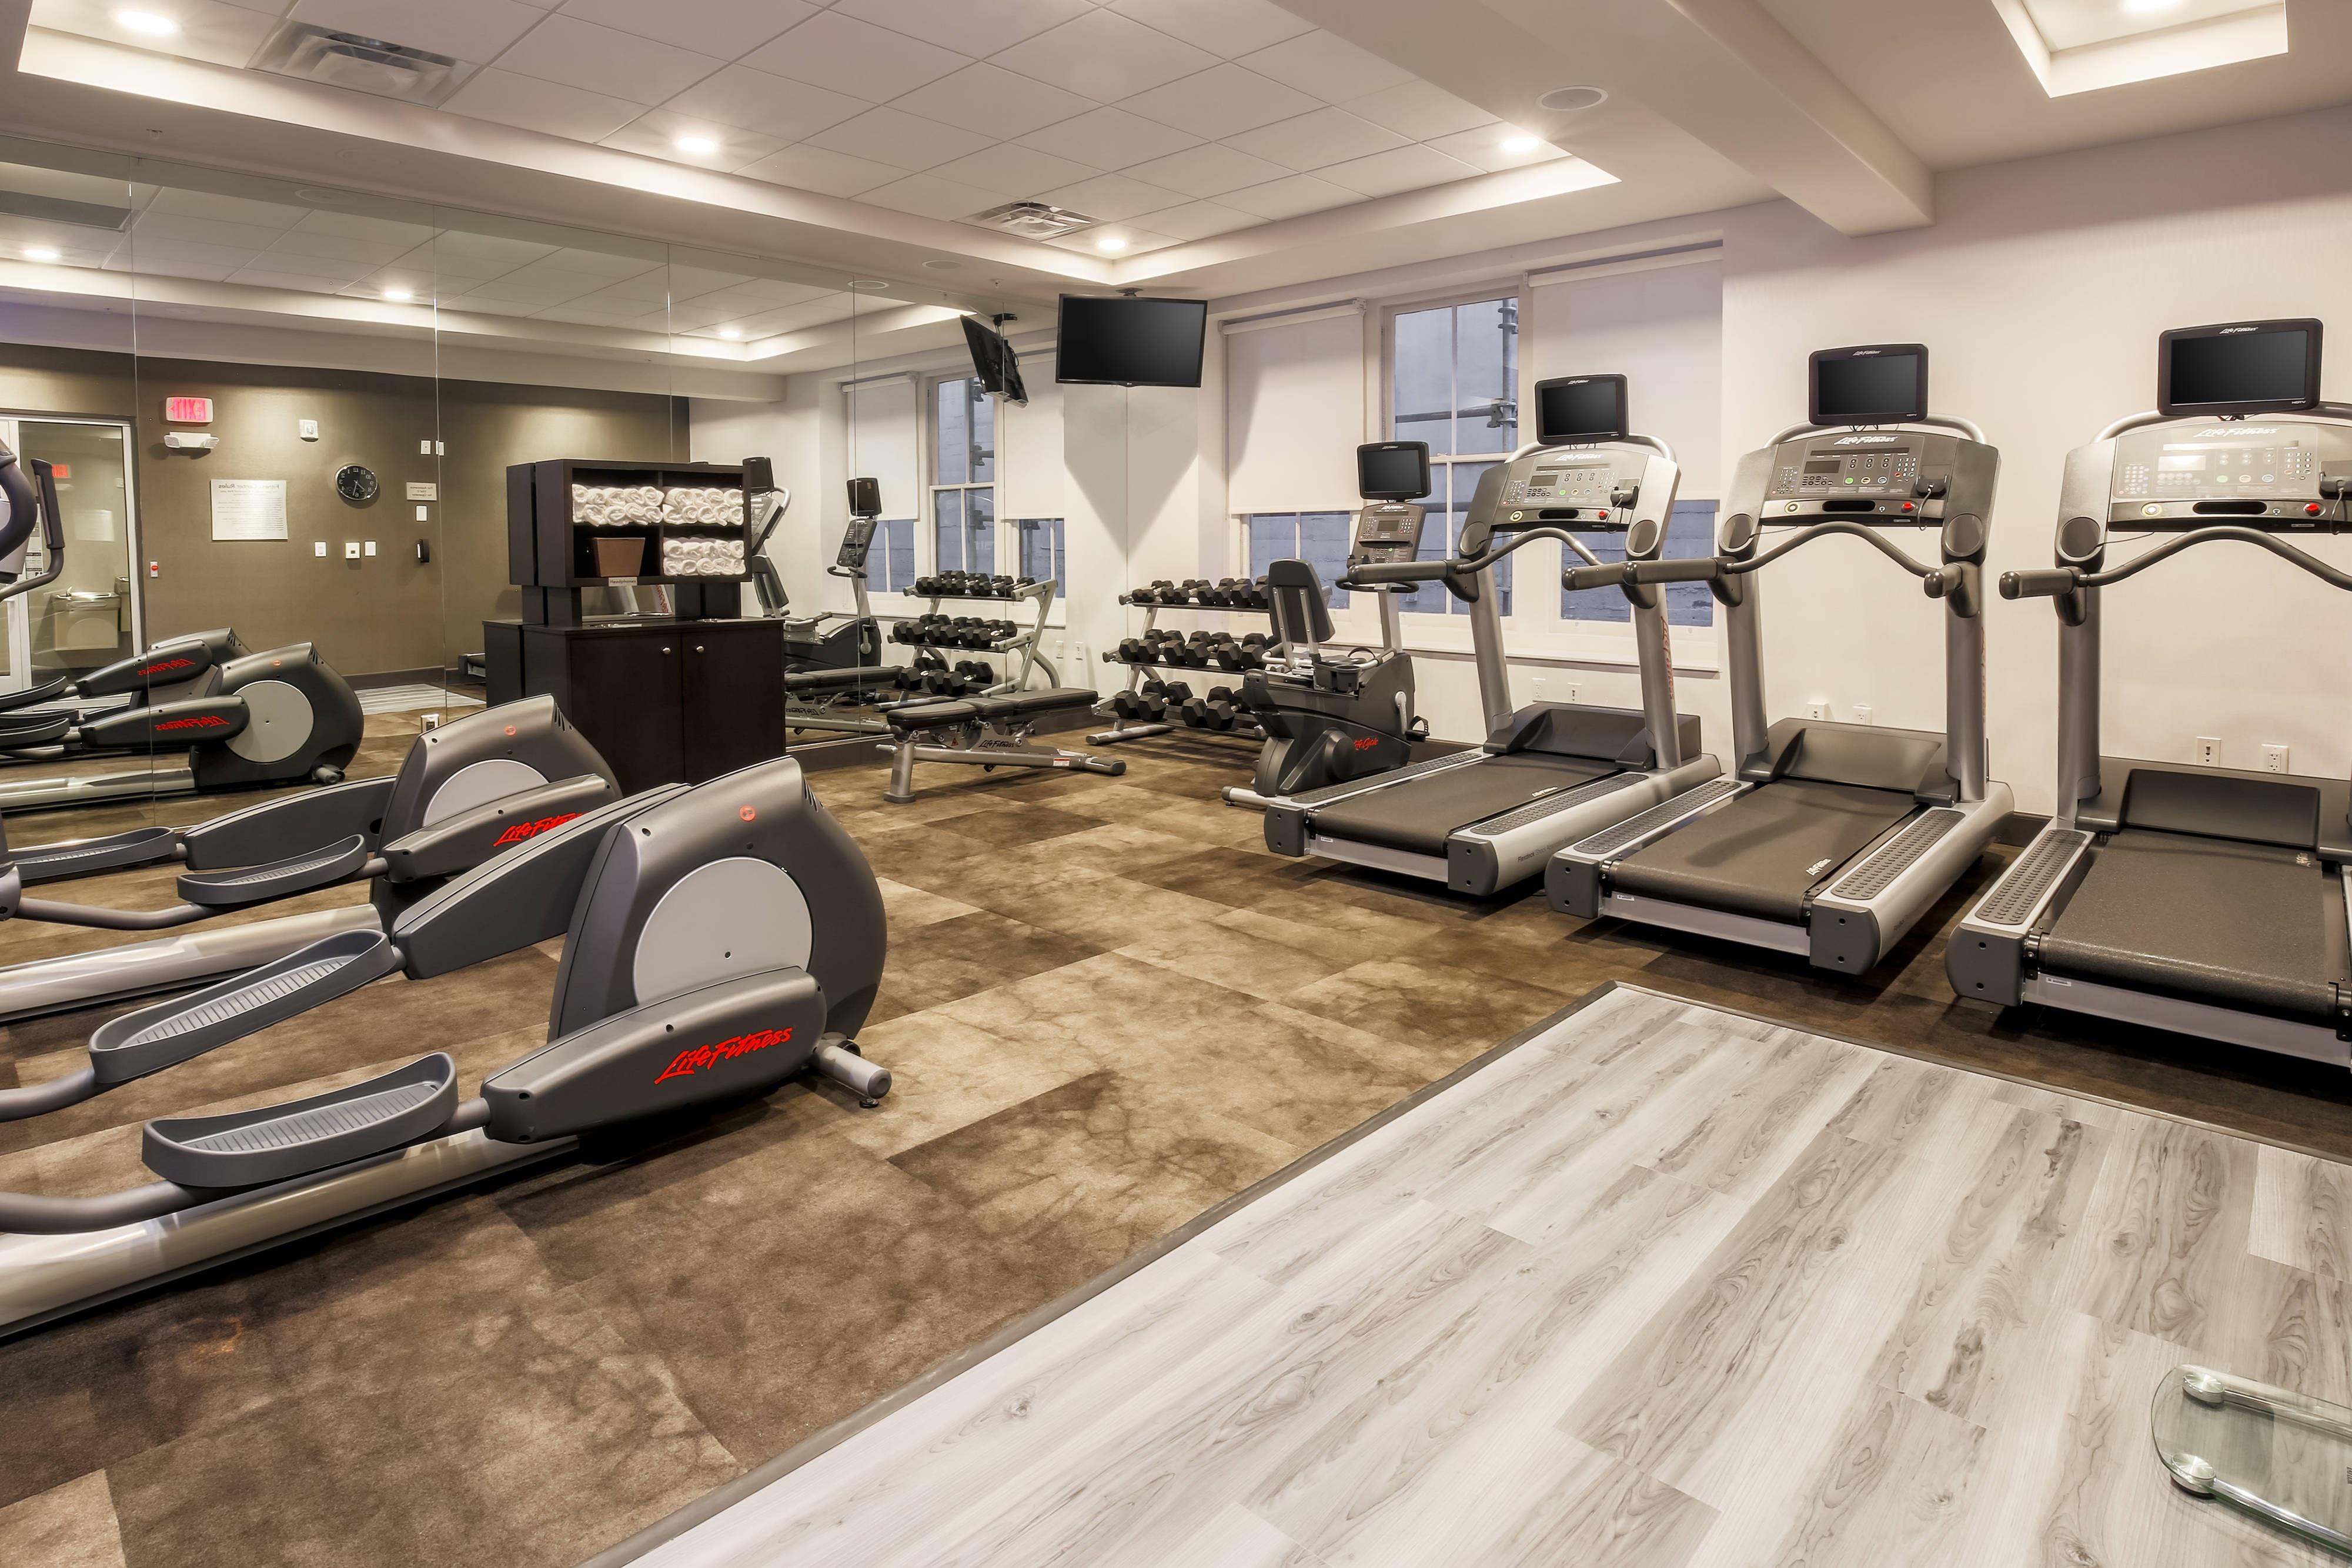 San Francisco Hotel Gym